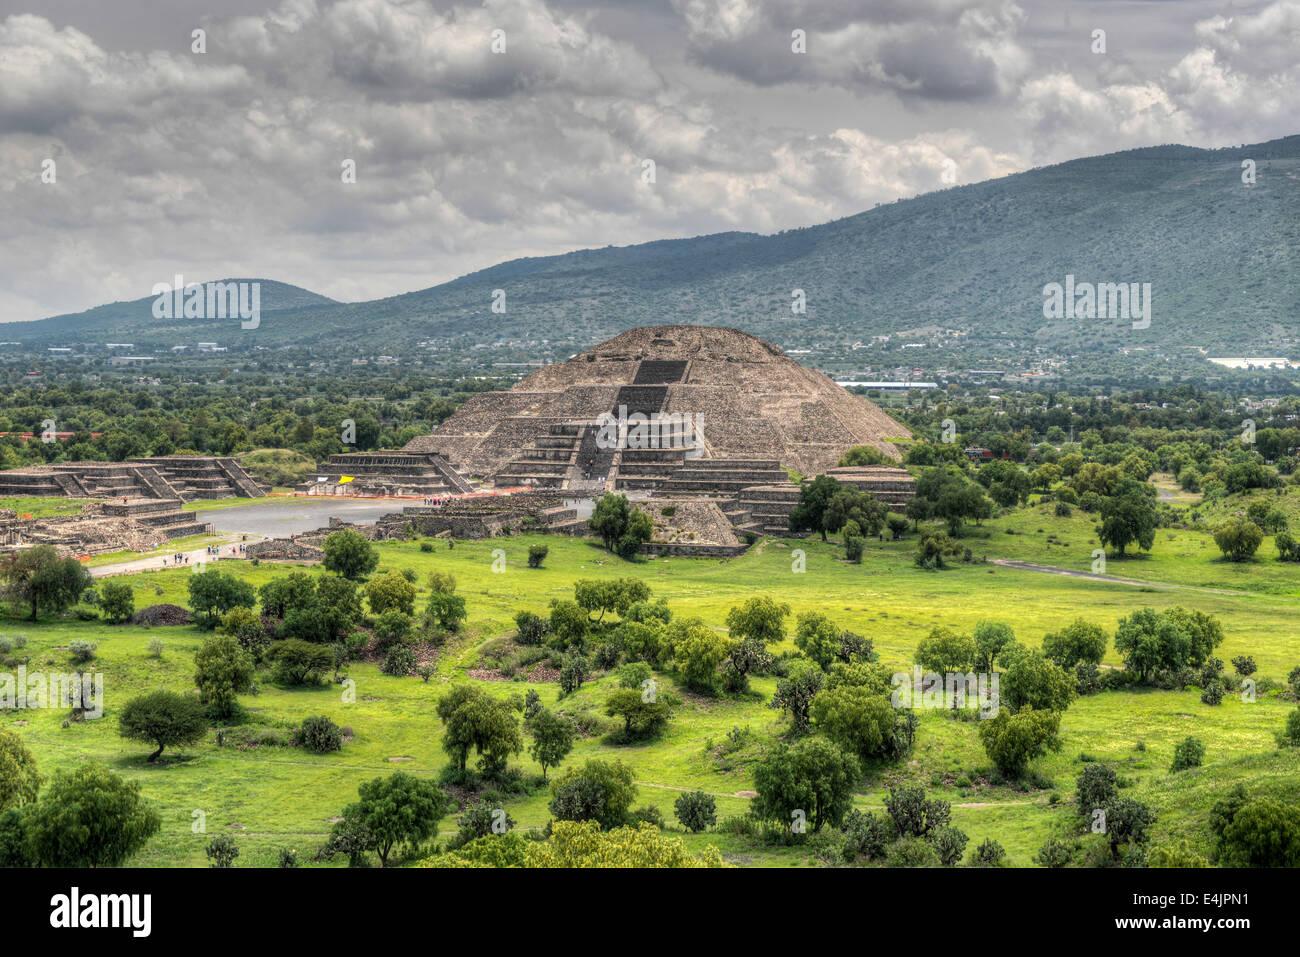 L'antica Piramide della Luna. La seconda grande piramide di Teotihuacan, Messico. Immagini Stock